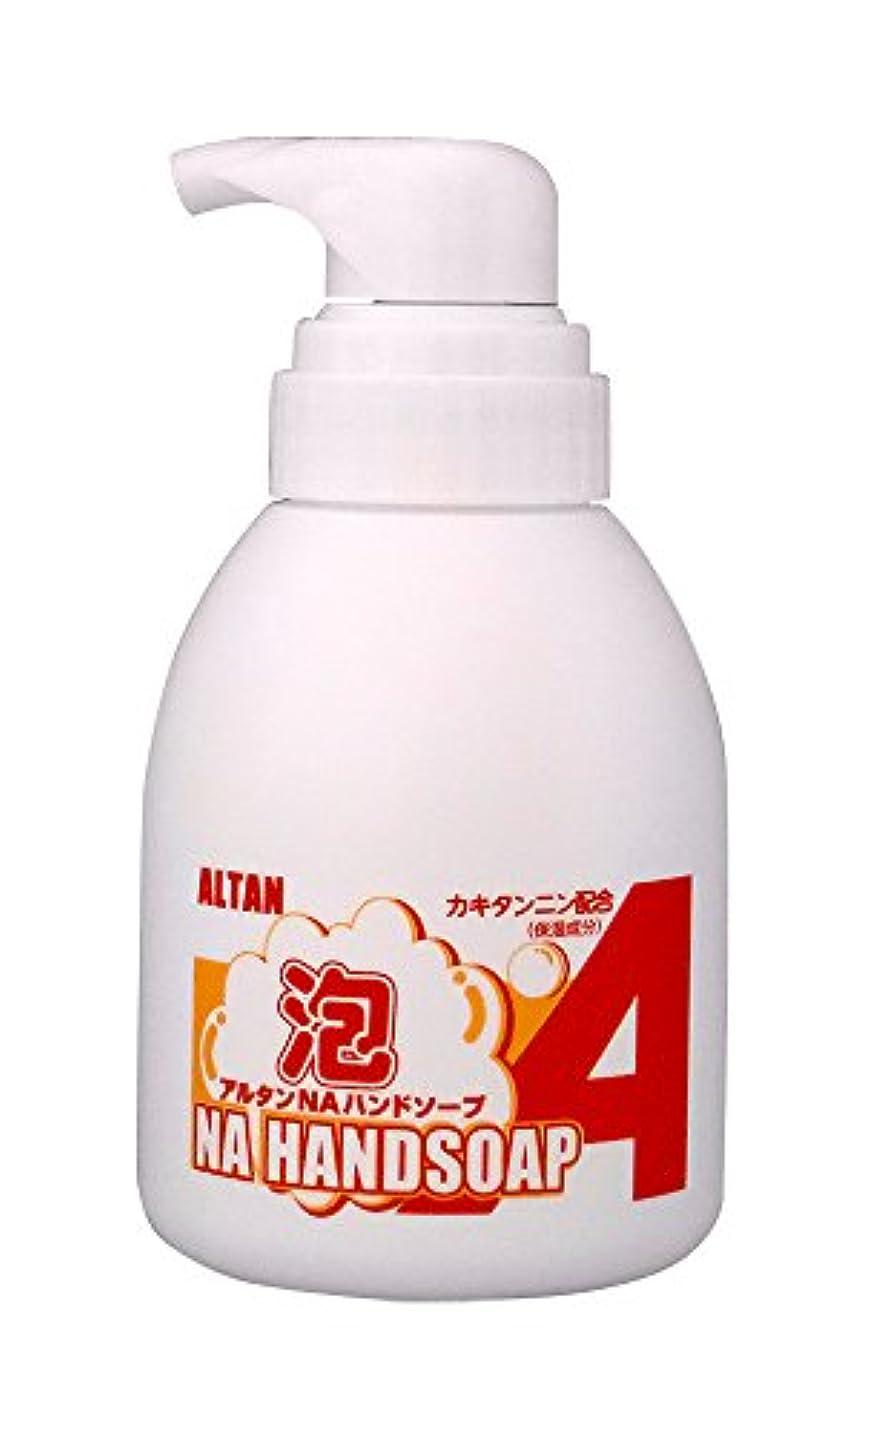 フェード賃金空白アルタン 業務用 洗浄用石けん アルタンNAハンドソープ 泡タイプ 500ml